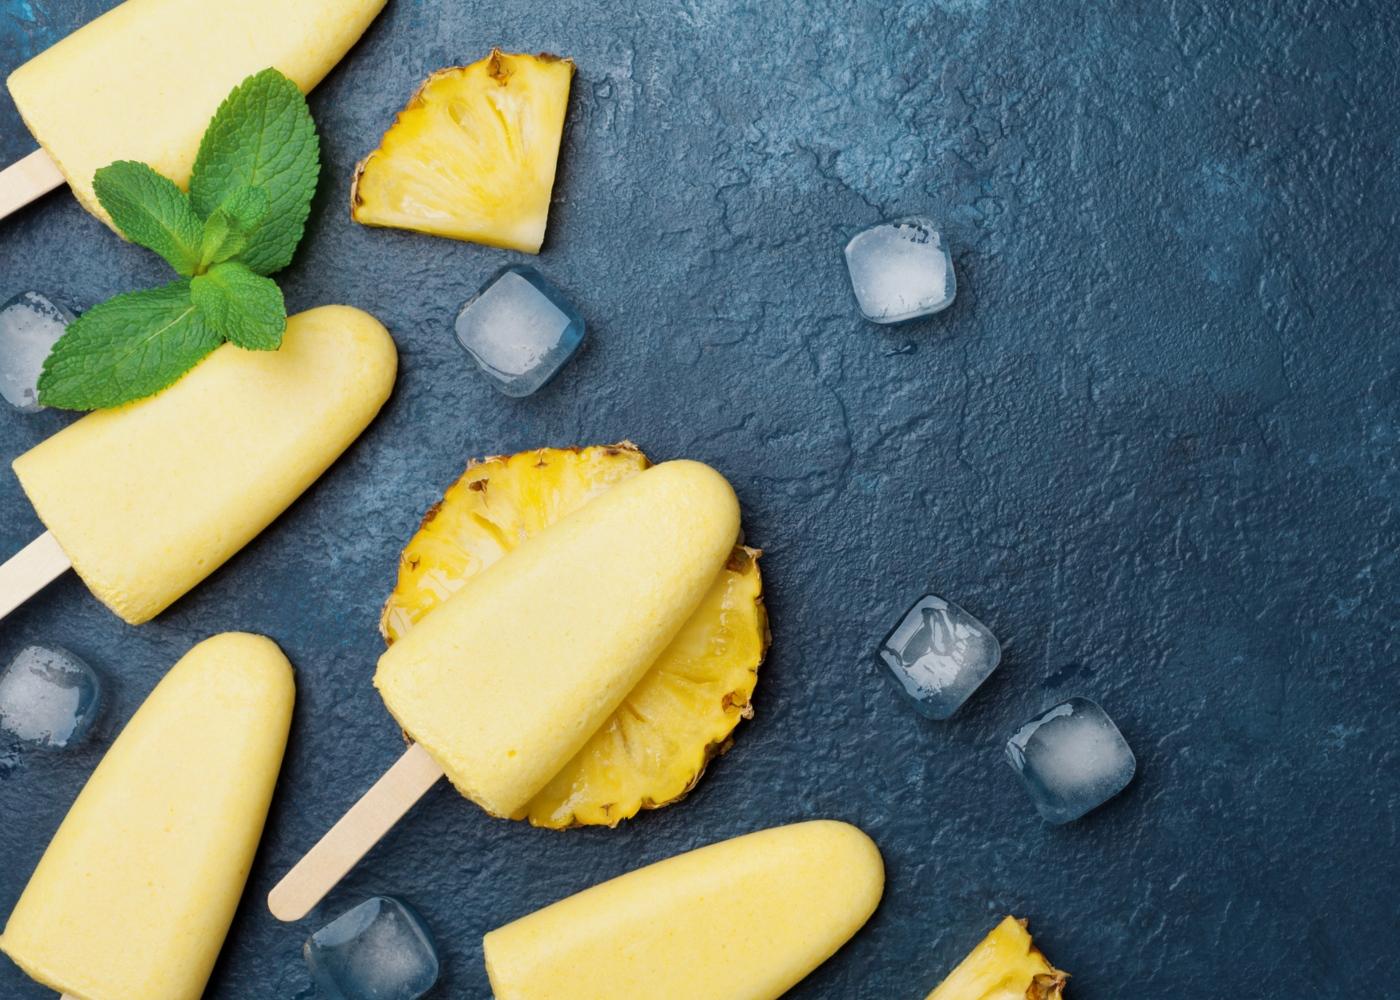 Receitas saudáveis com fruta: gelados de ananás e menta